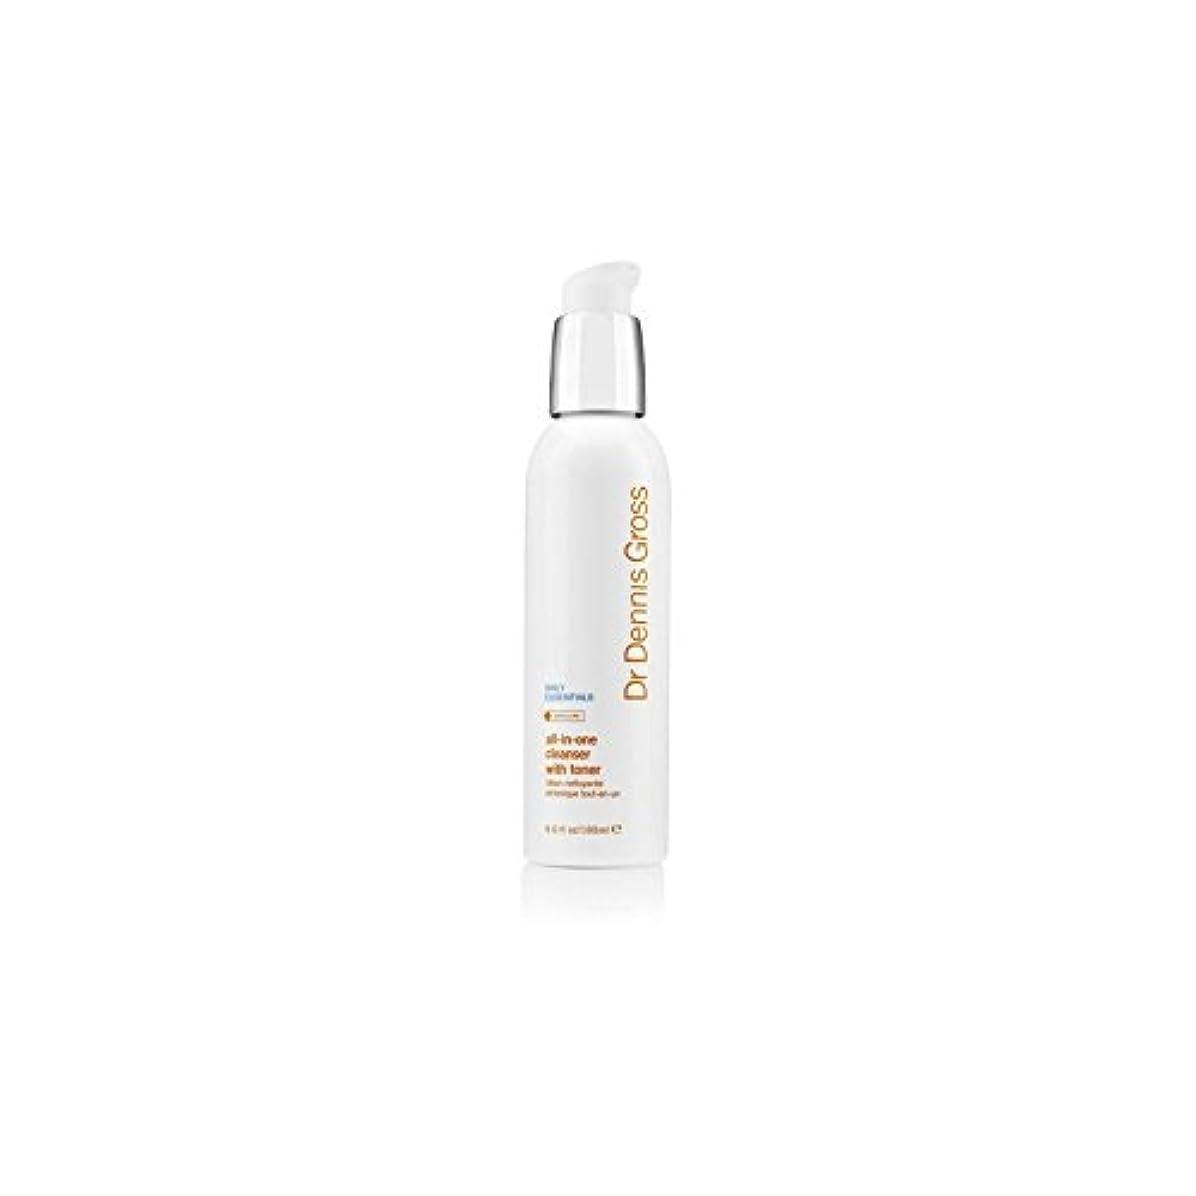 料理をする良心的貢献するデニスグロスオールインワントナー(180ミリリットル)とフェイシャルクレンザー x4 - Dr Dennis Gross All-In-One Facial Cleanser With Toner (180ml) (Pack...